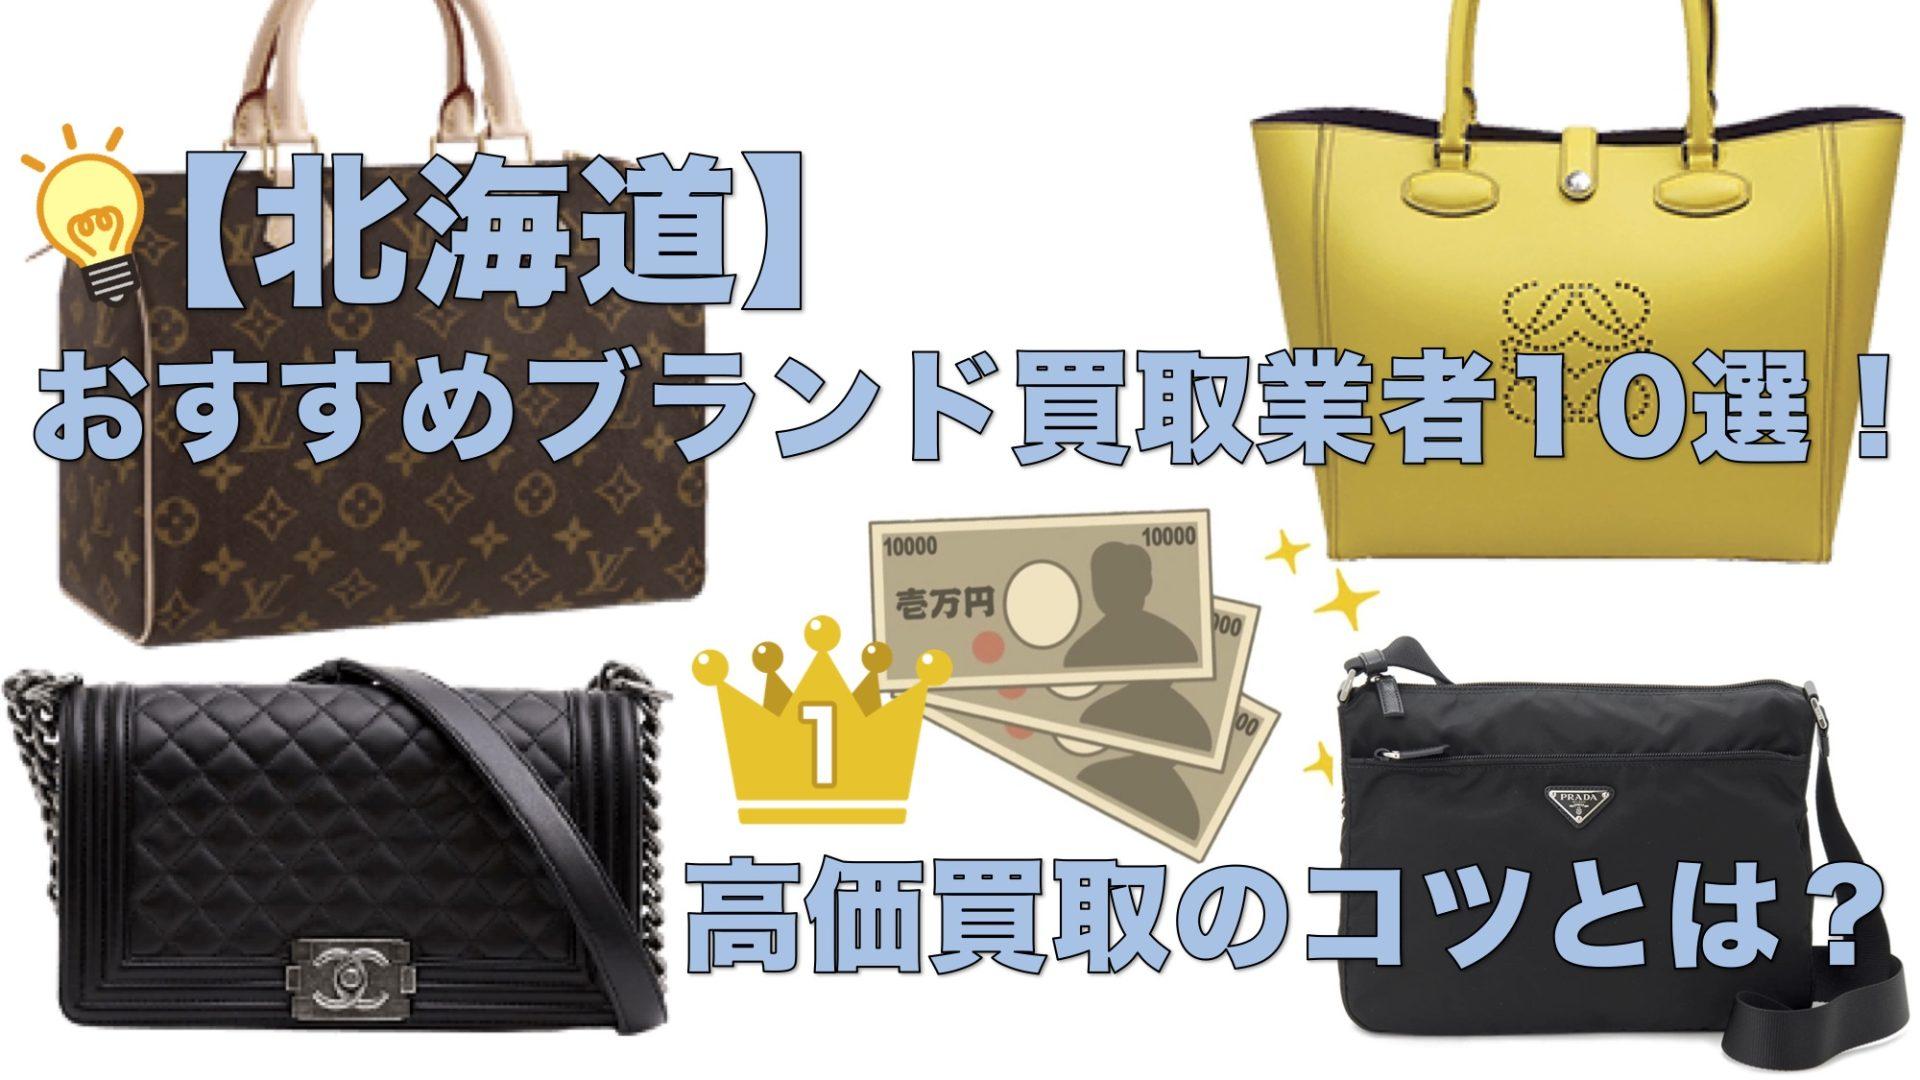 【北海道】おすすめブランド高価買取業者10選!選び方のポイントは? アイキャッチ画像